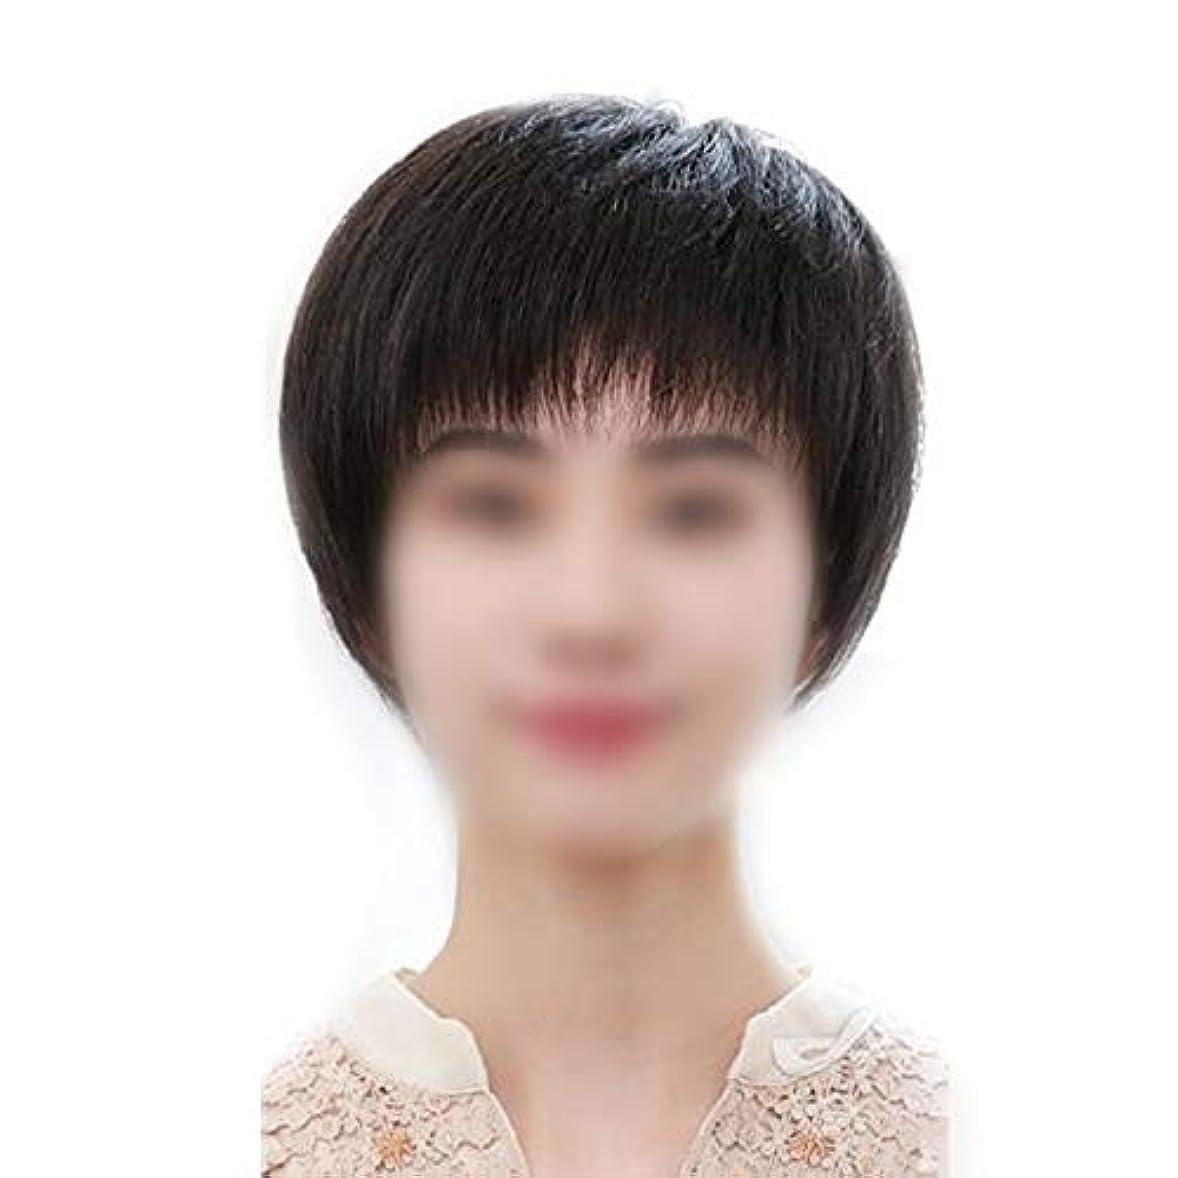 報酬ローブ脆いYOUQIU 女子ショートヘアのフルハンド織実ヘアウィッグ現実的な自然に見えるウィッグ (色 : Dark brown)